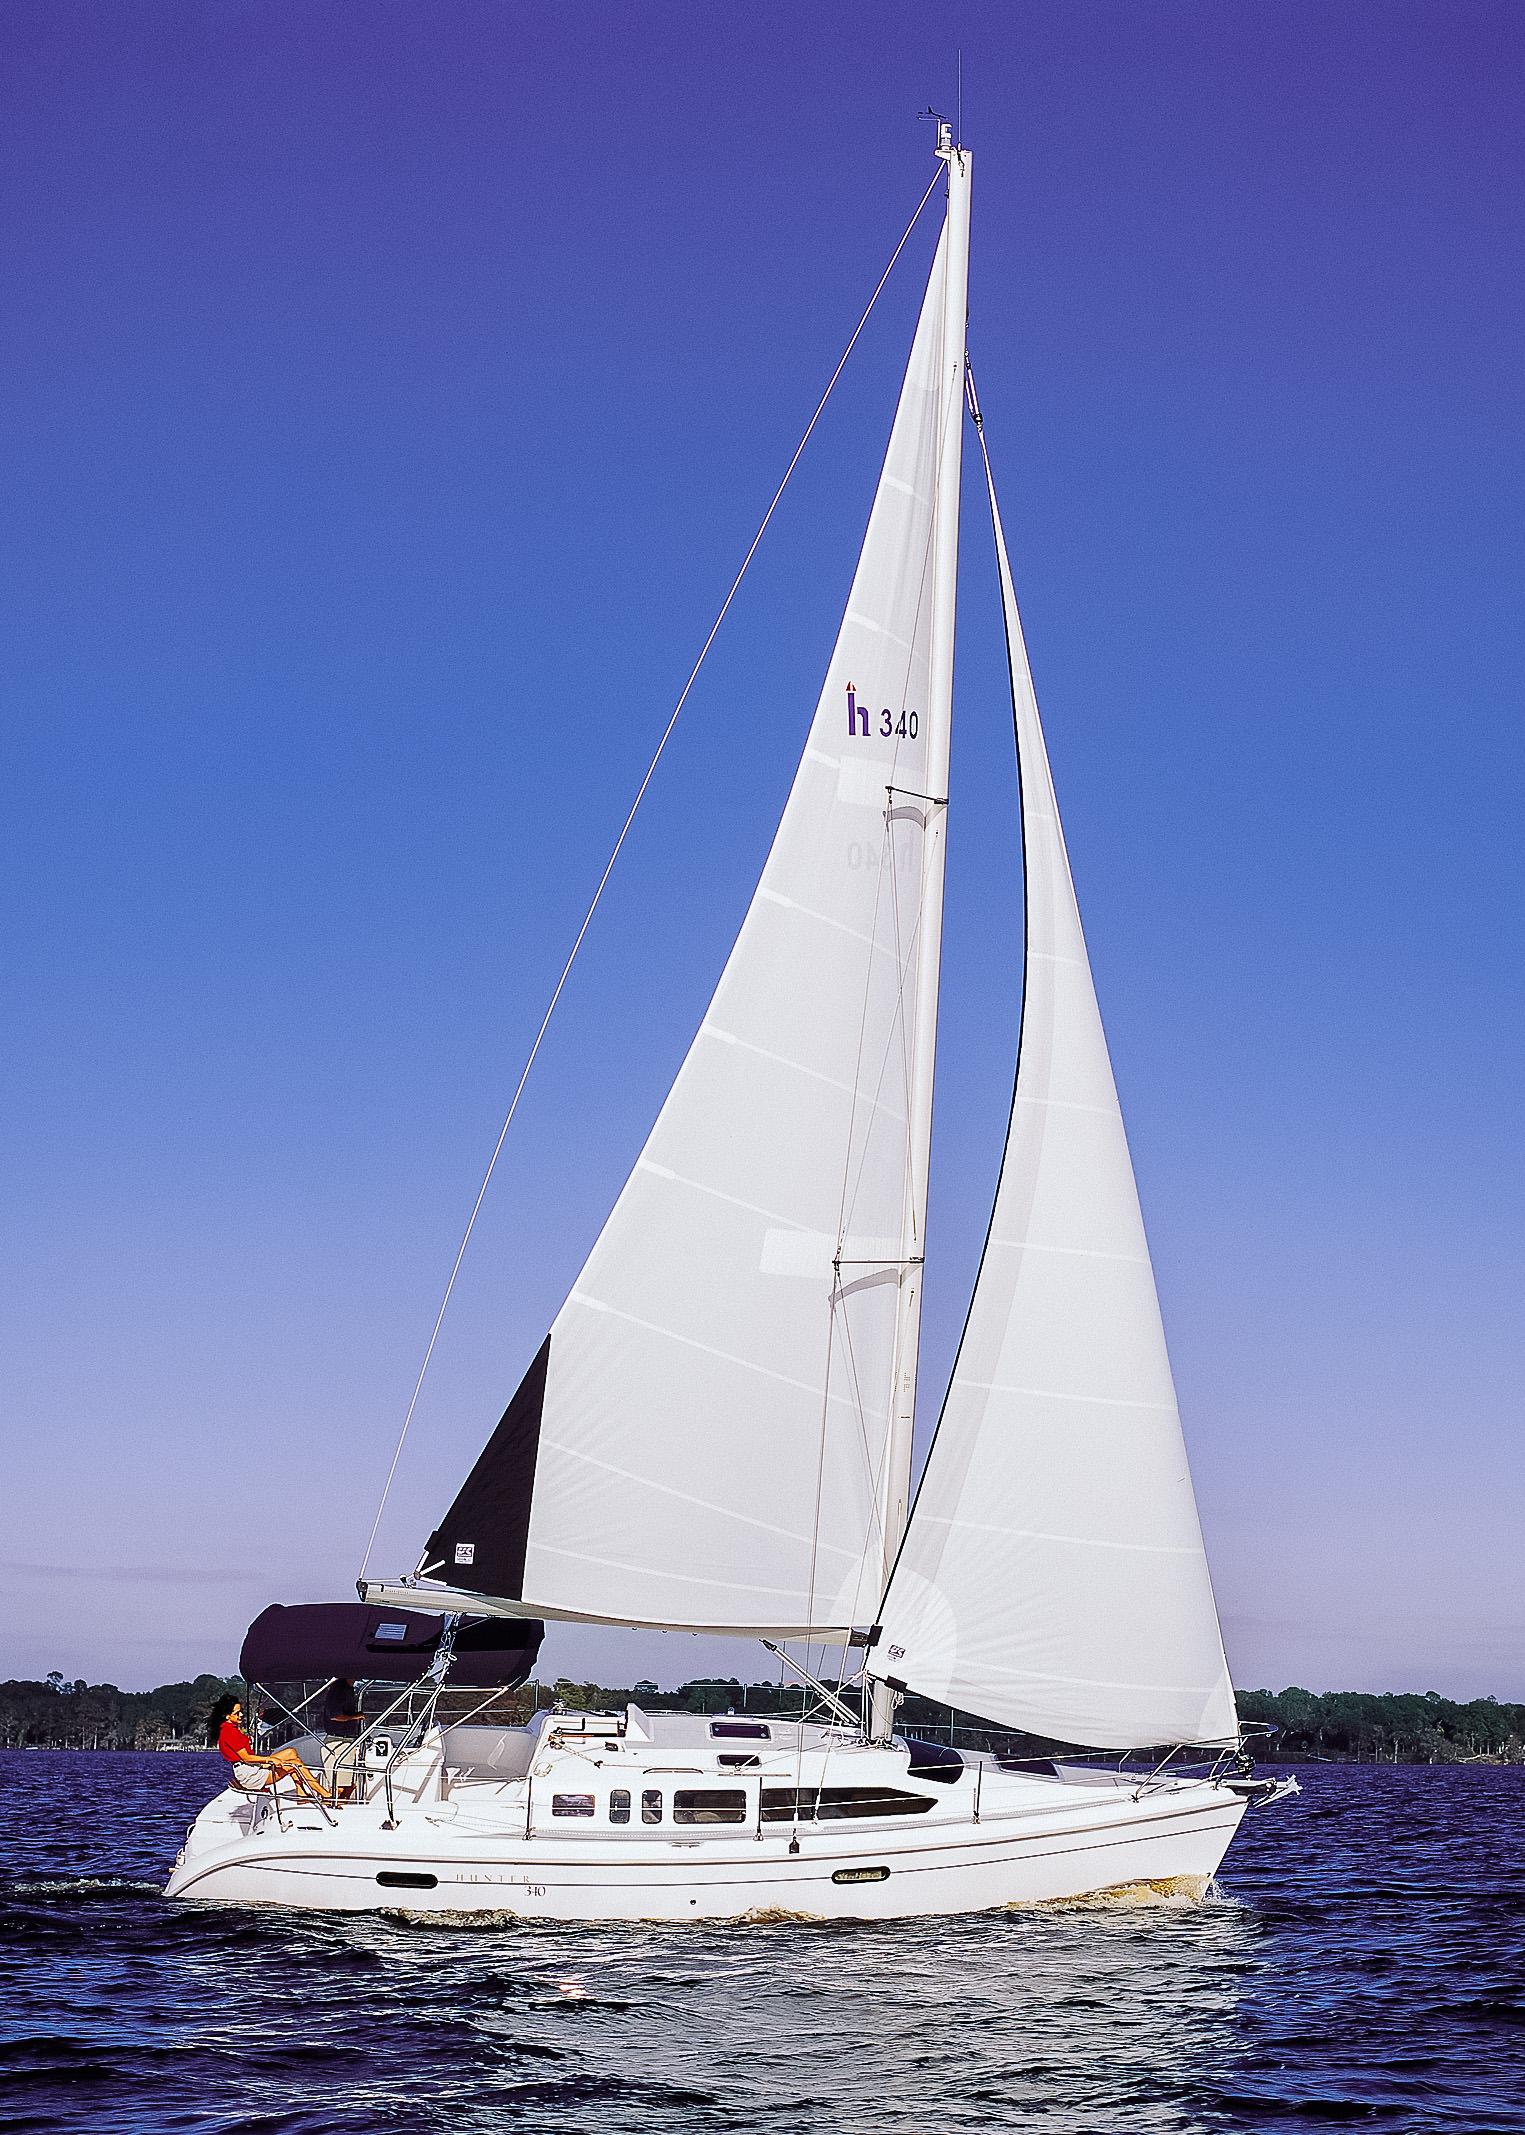 Batten-less in-mast furling